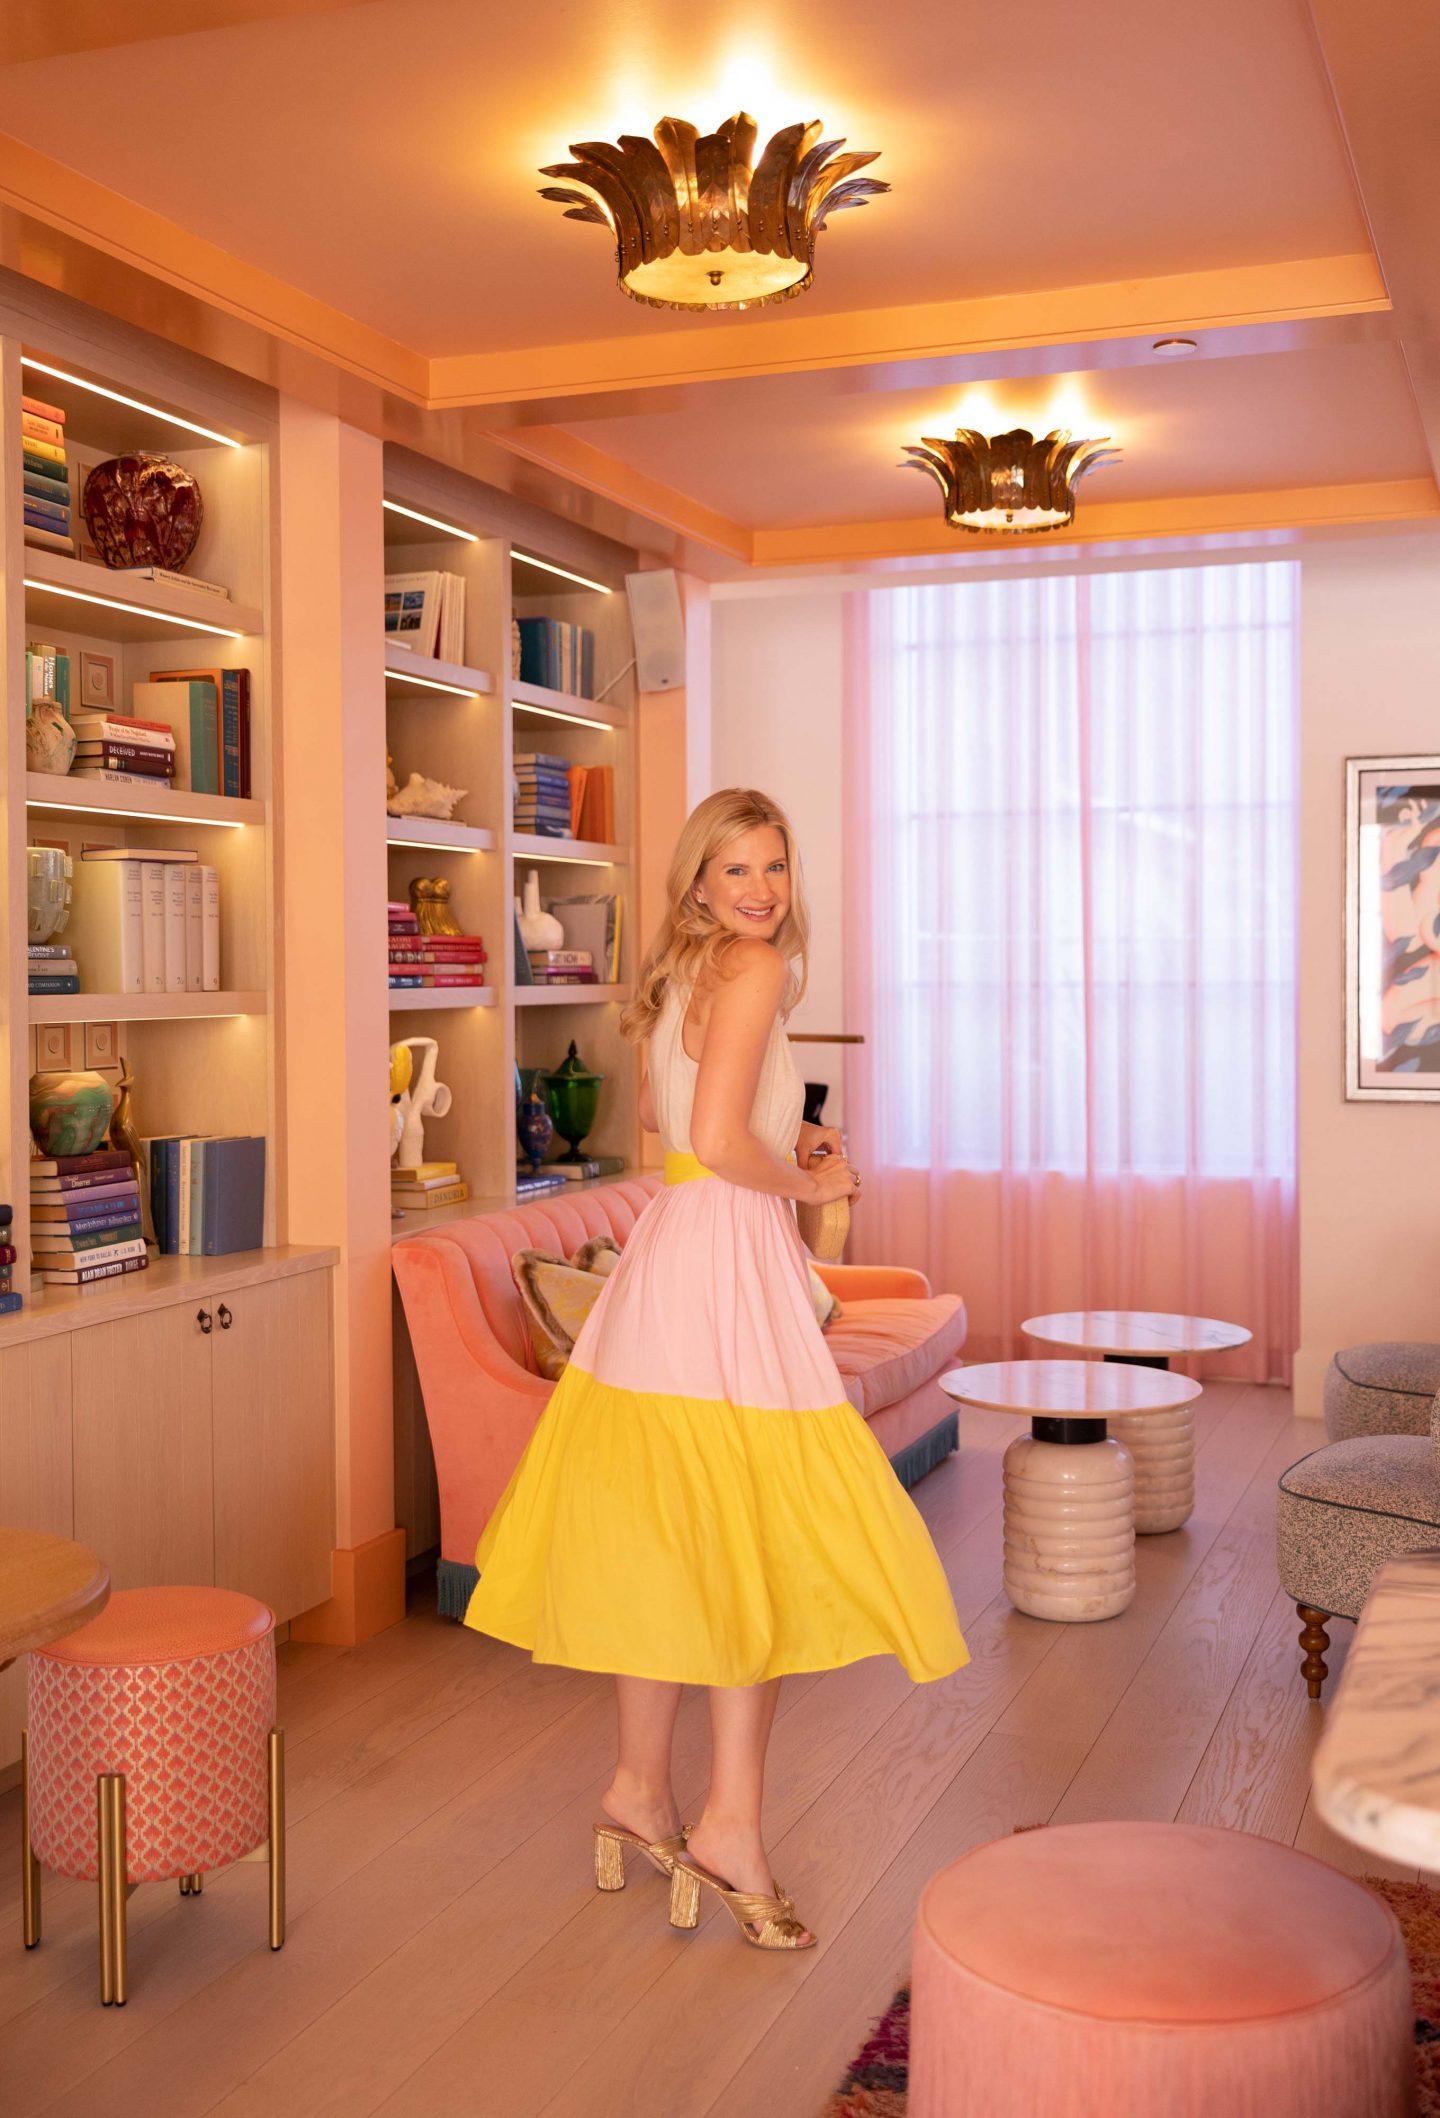 A Very Pink & Yellow Summer Dress